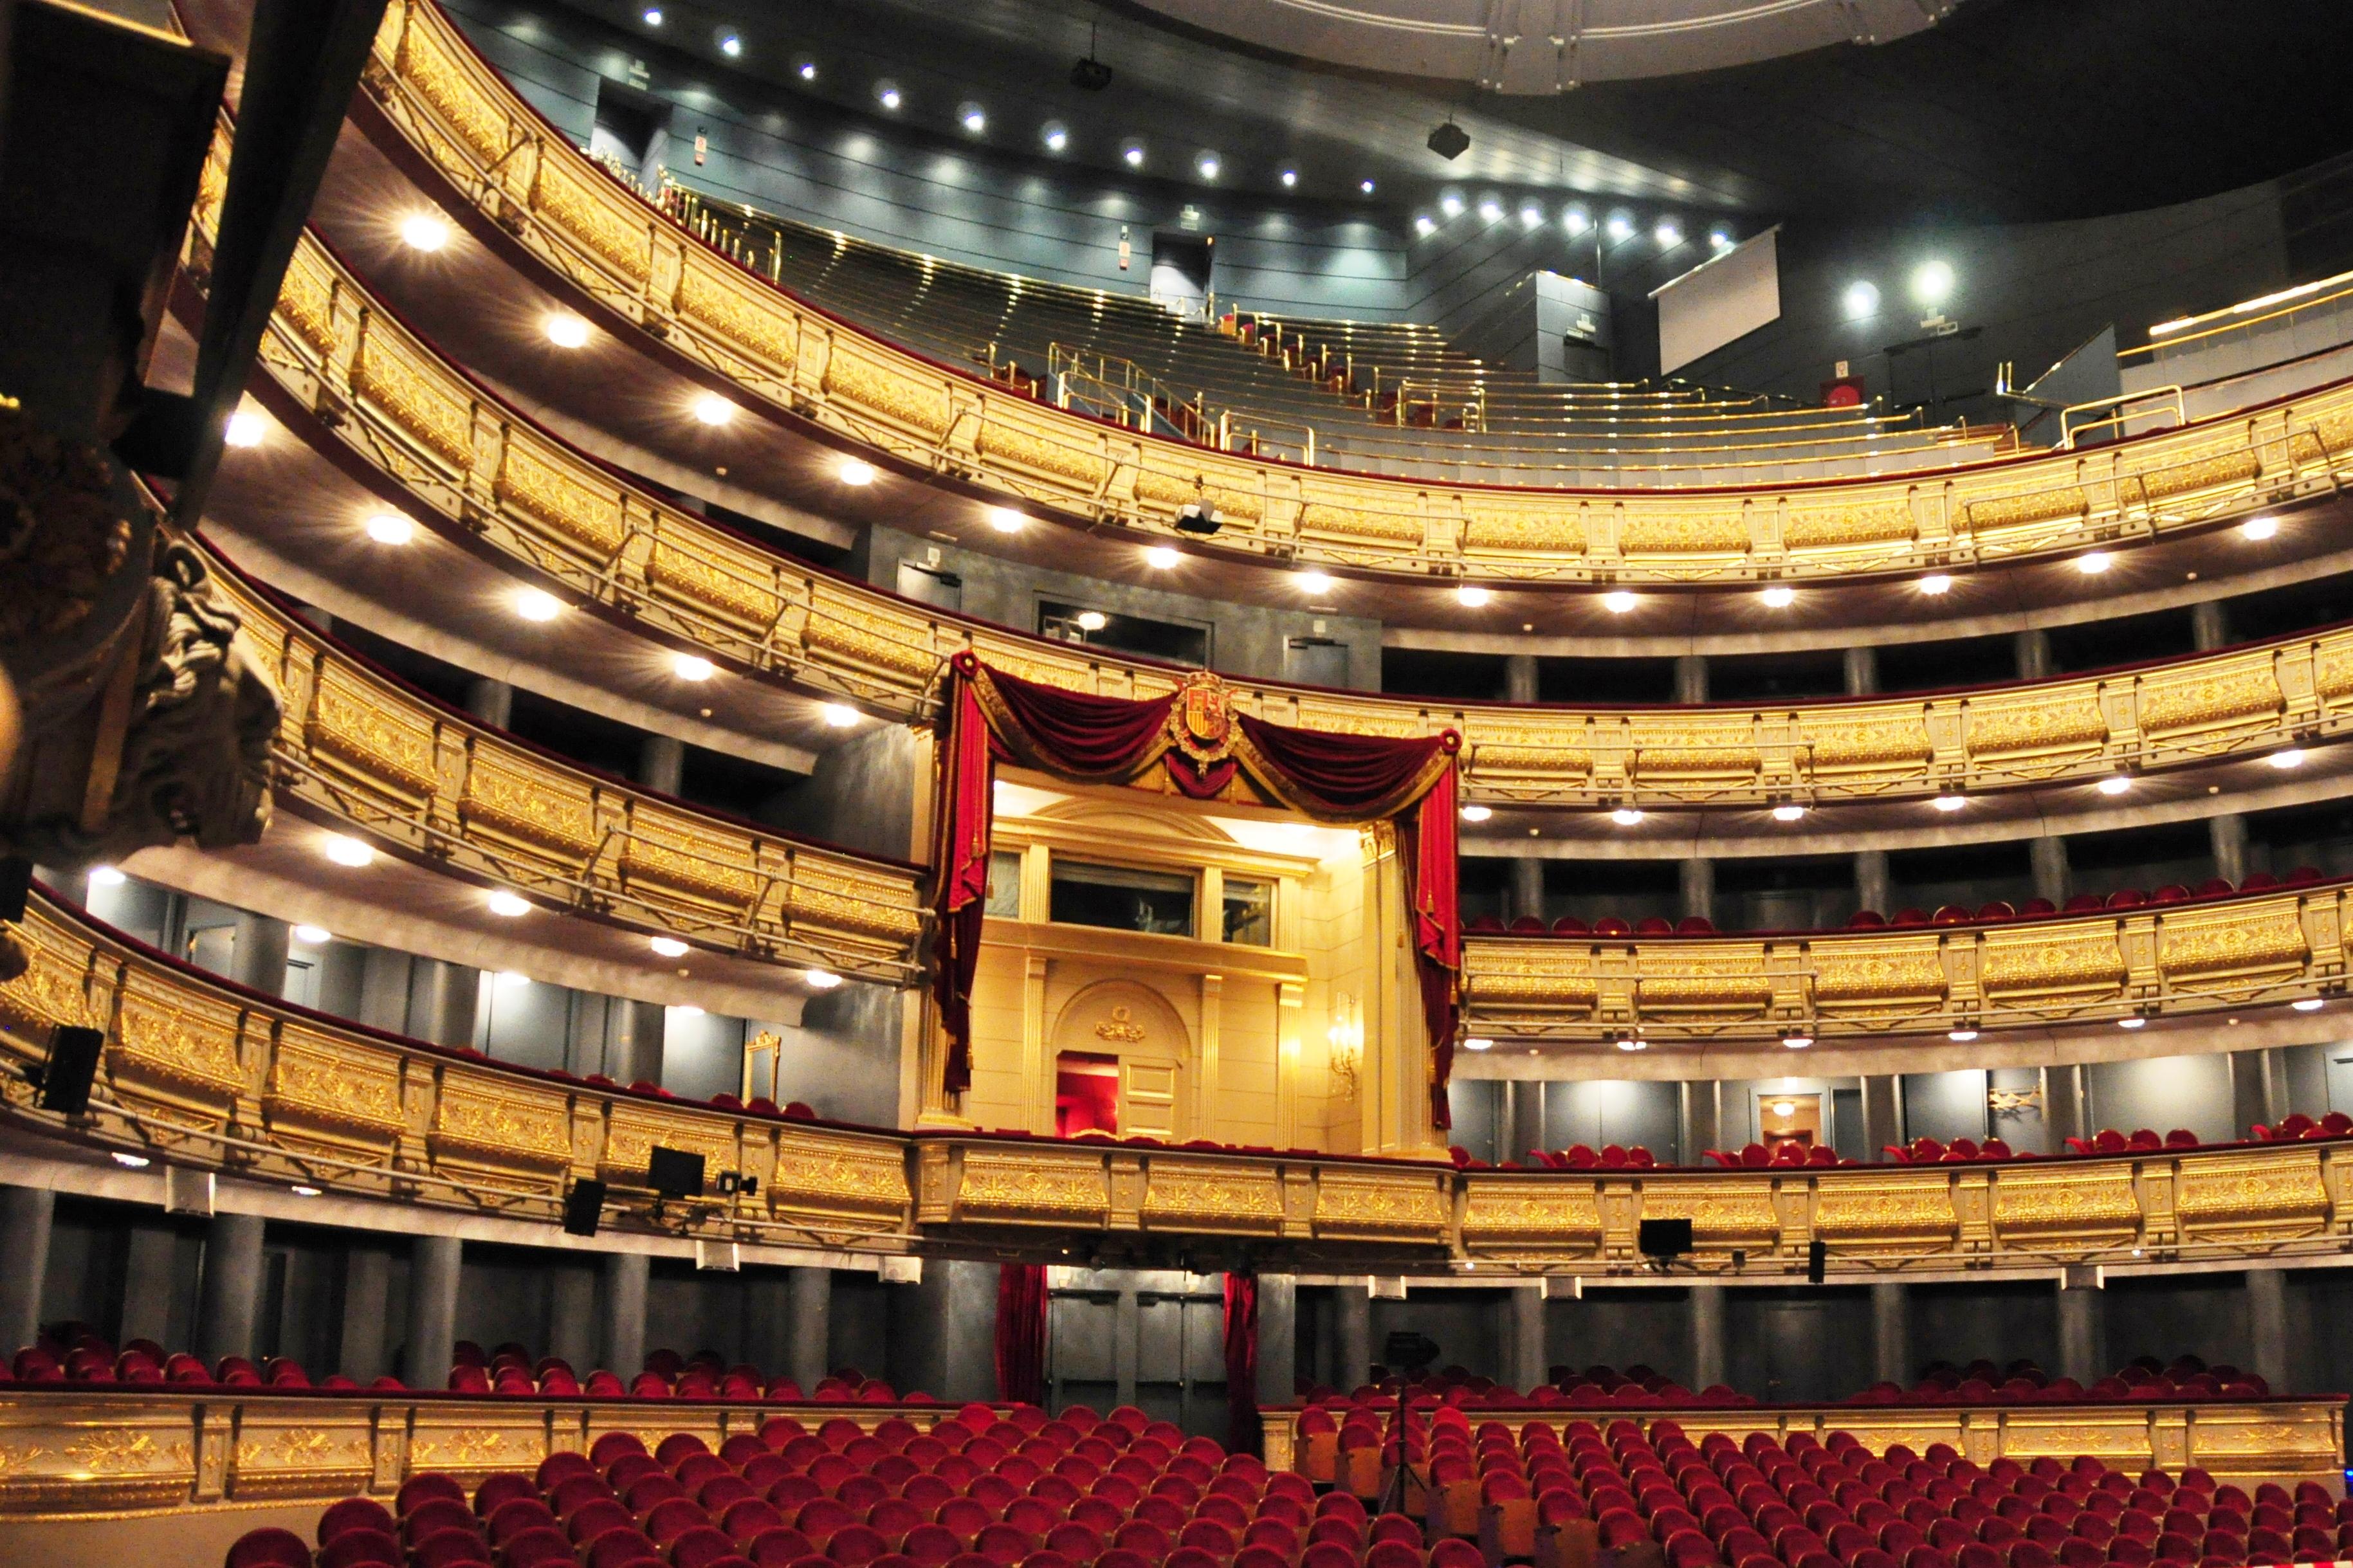 Афиша театр мадрид афиша воронеж концерты билеты